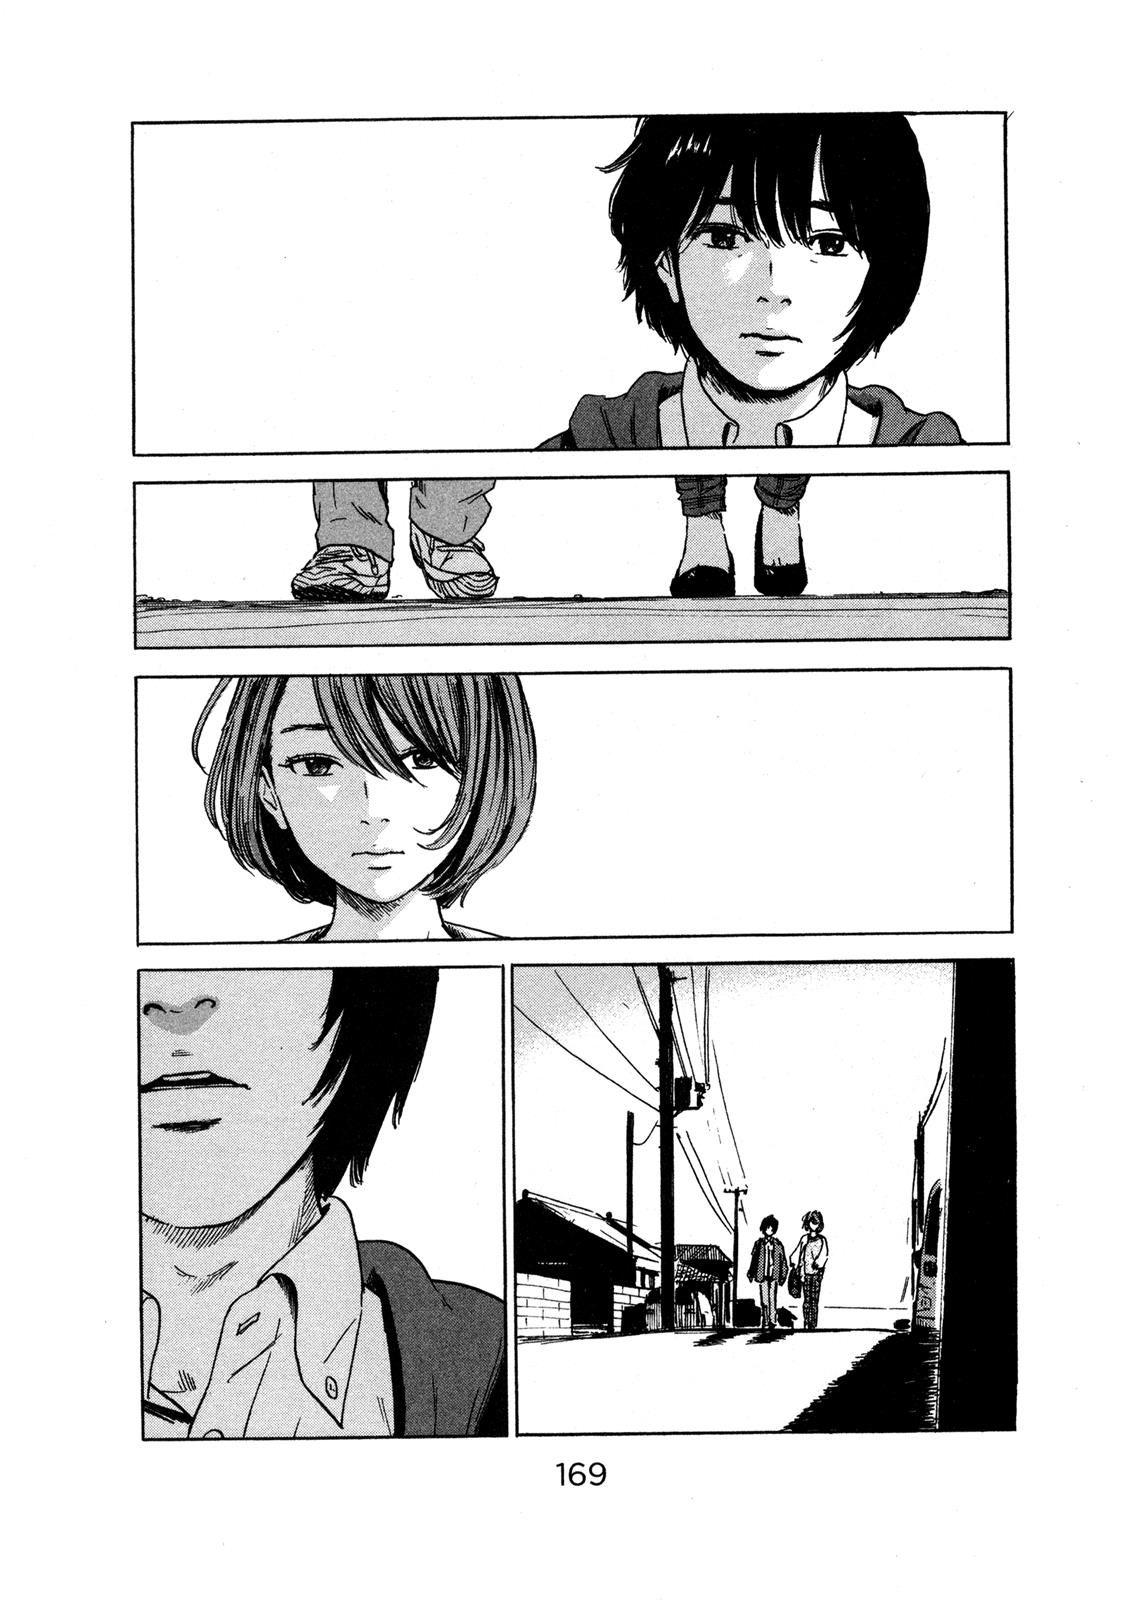 Aku no Hana Chapter 52 Page 16 em 2020 Anime, Manga